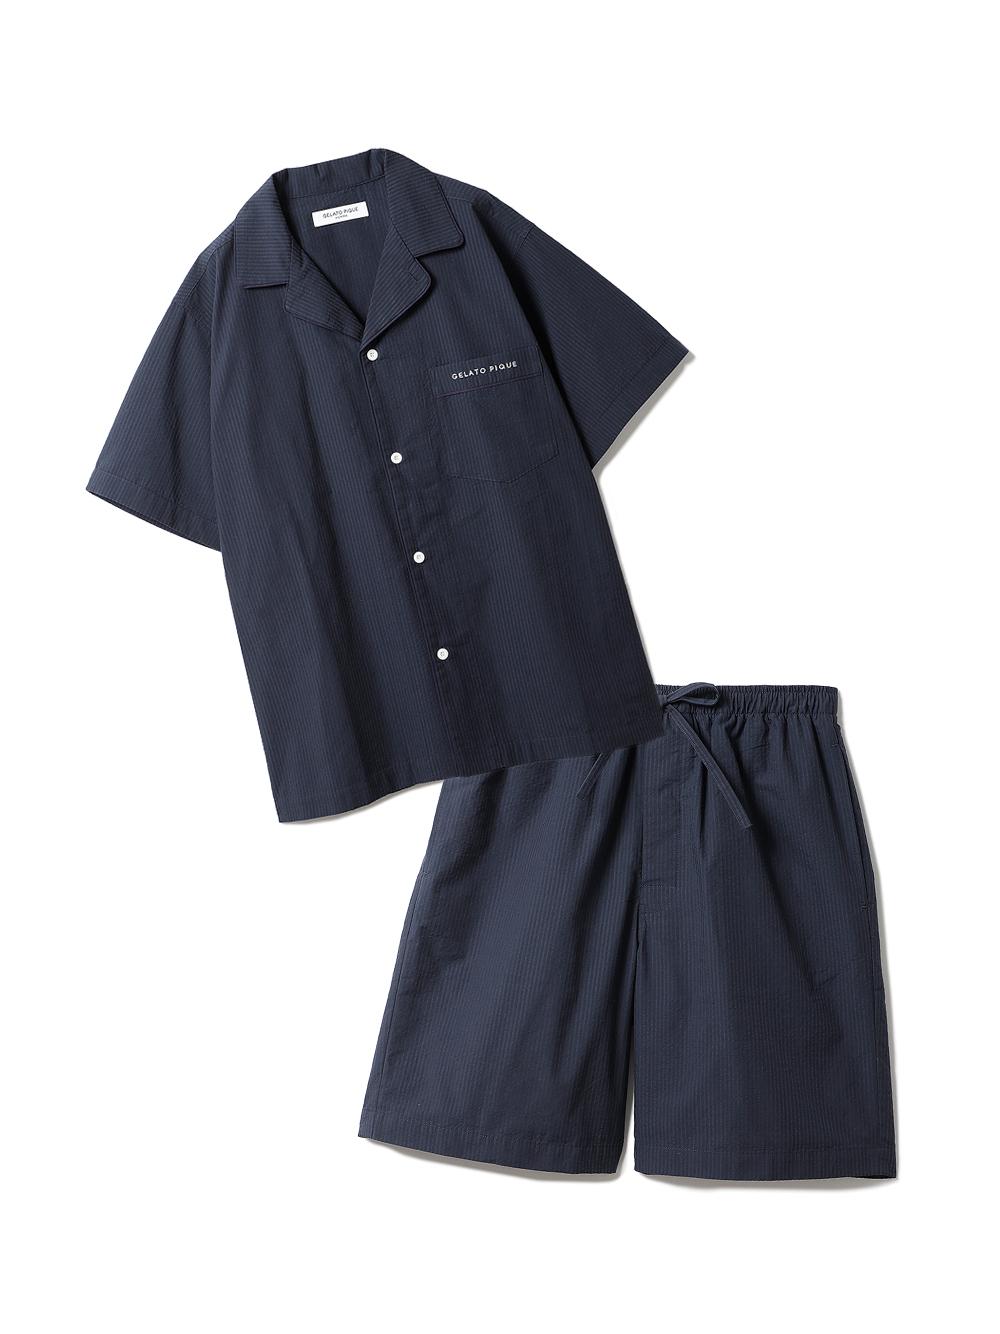 【ラッピング】【HOMME】クールMAXシャツ&ハーフパンツSET(NVY-M)